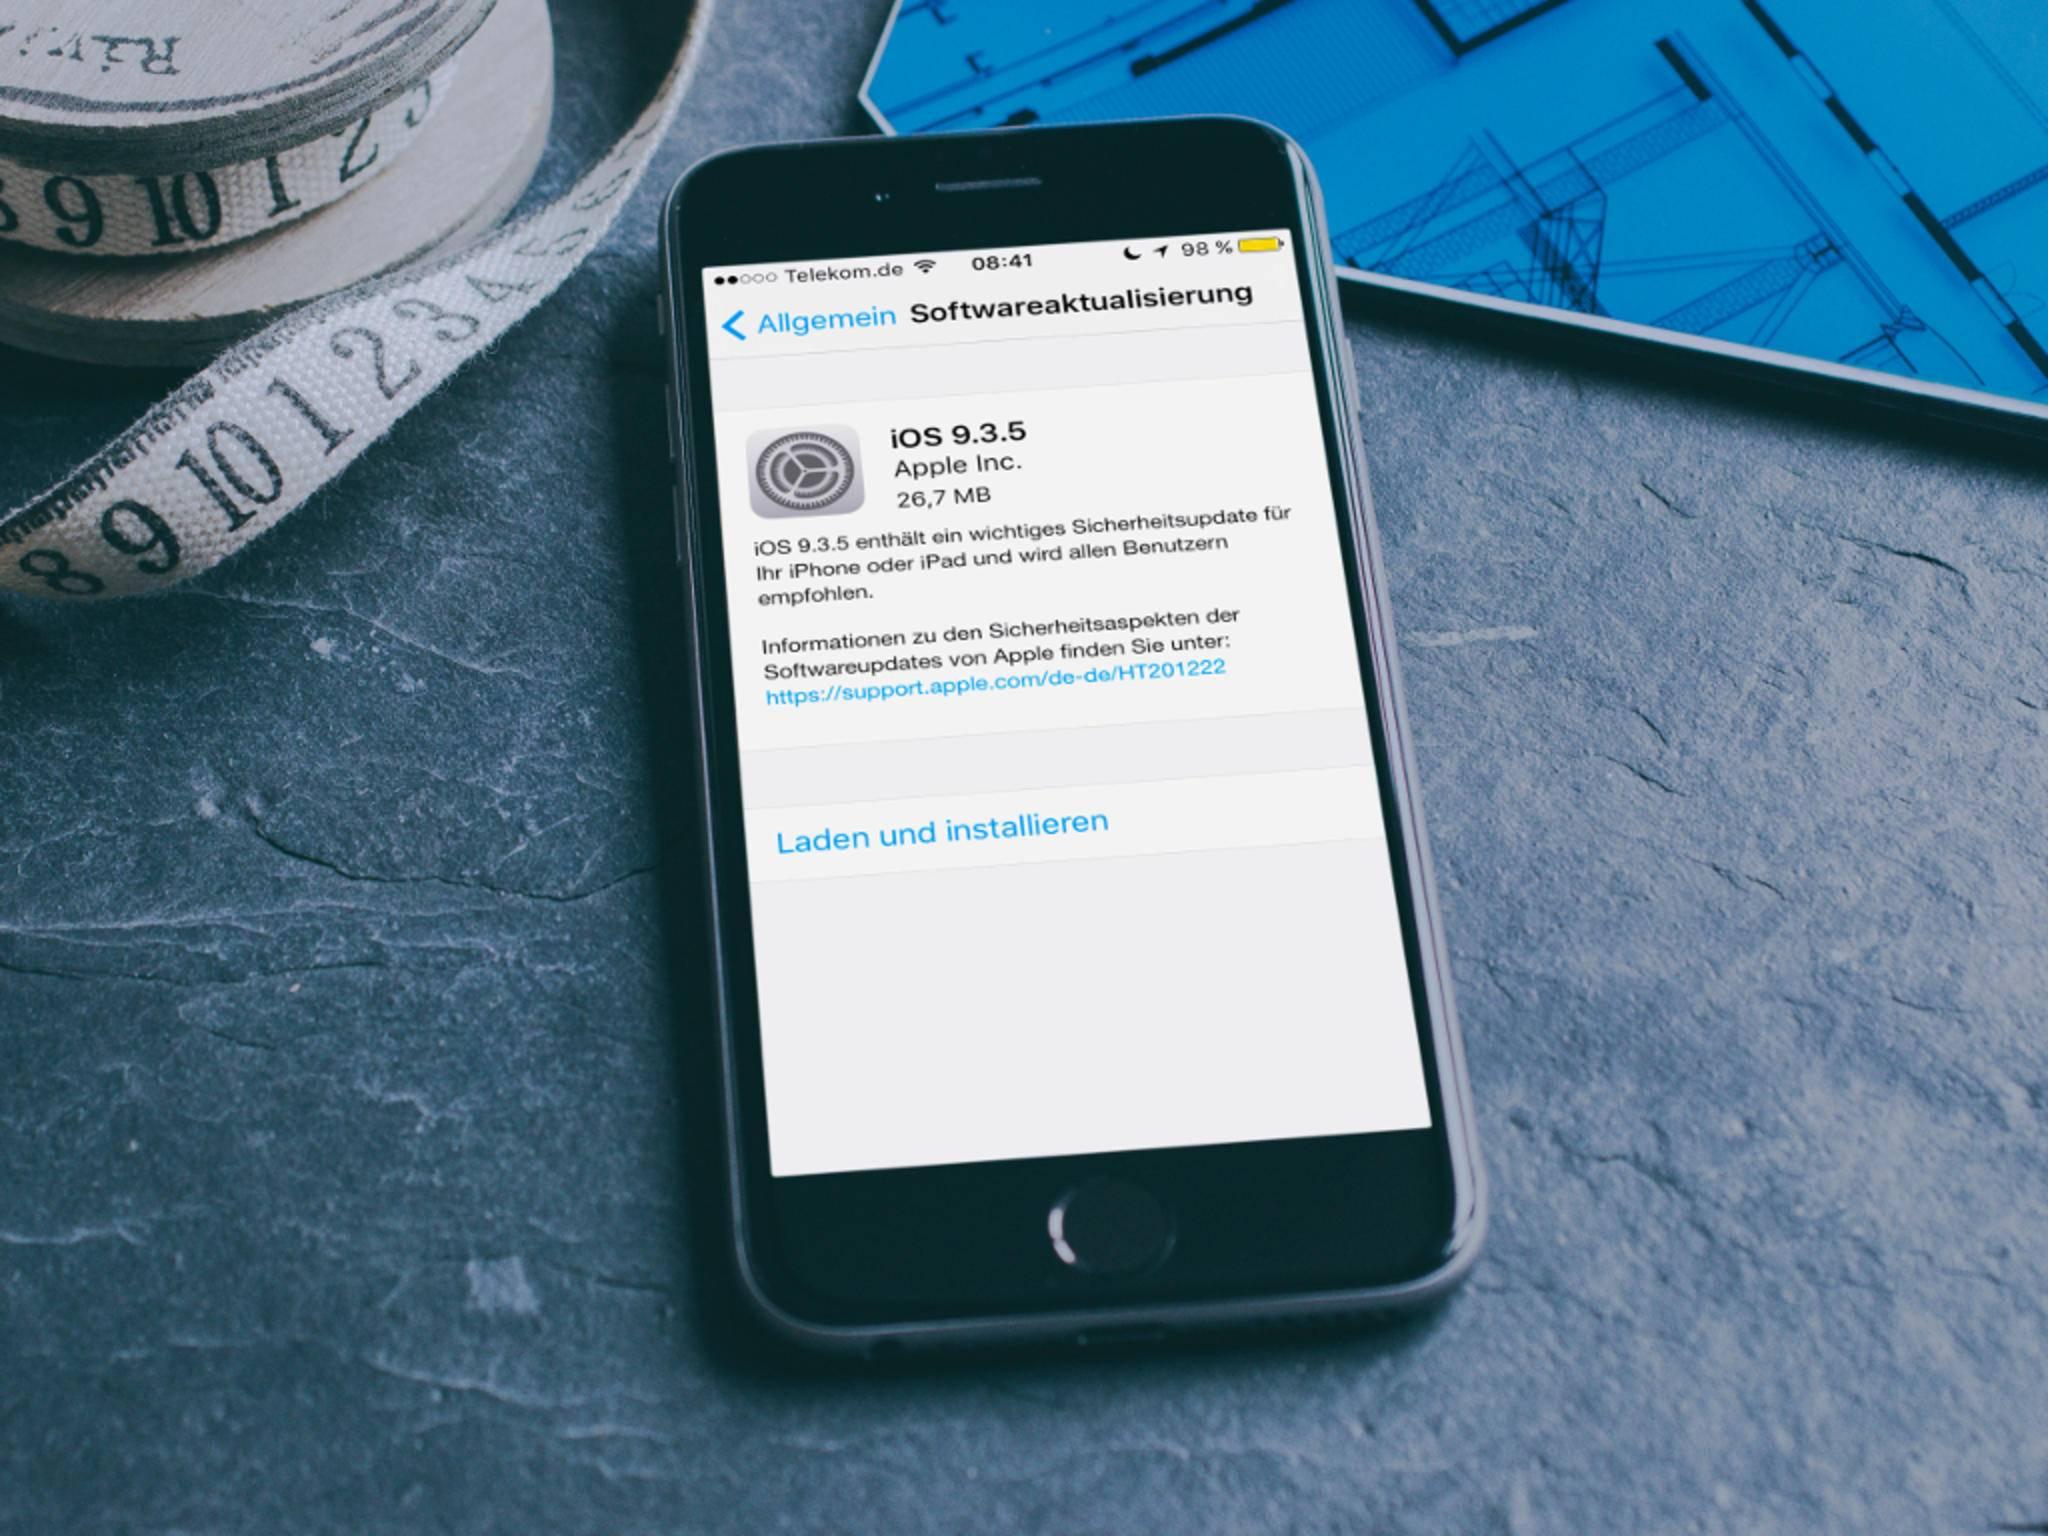 iOS 9.3.5 schließt mehrere Sicherheitslücken im Betriebssystem.